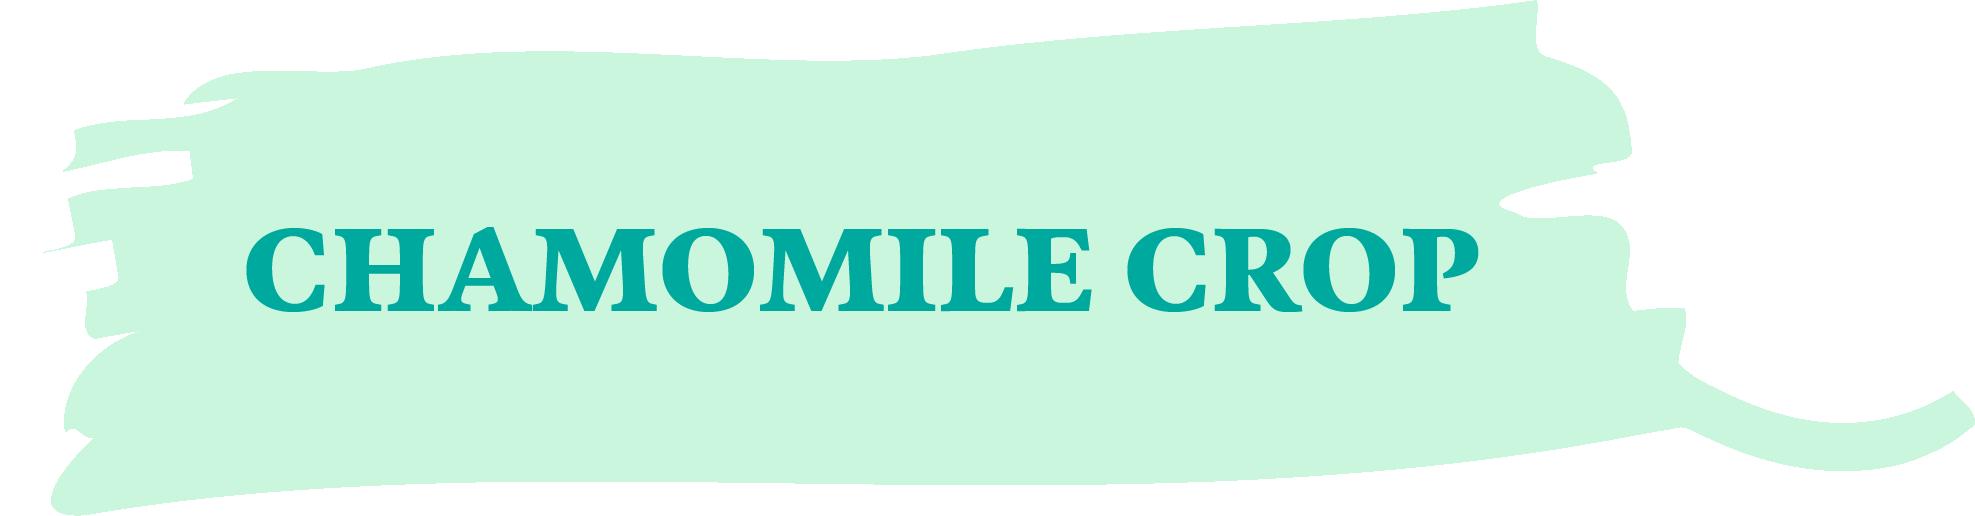 CHAMOMILE CROP